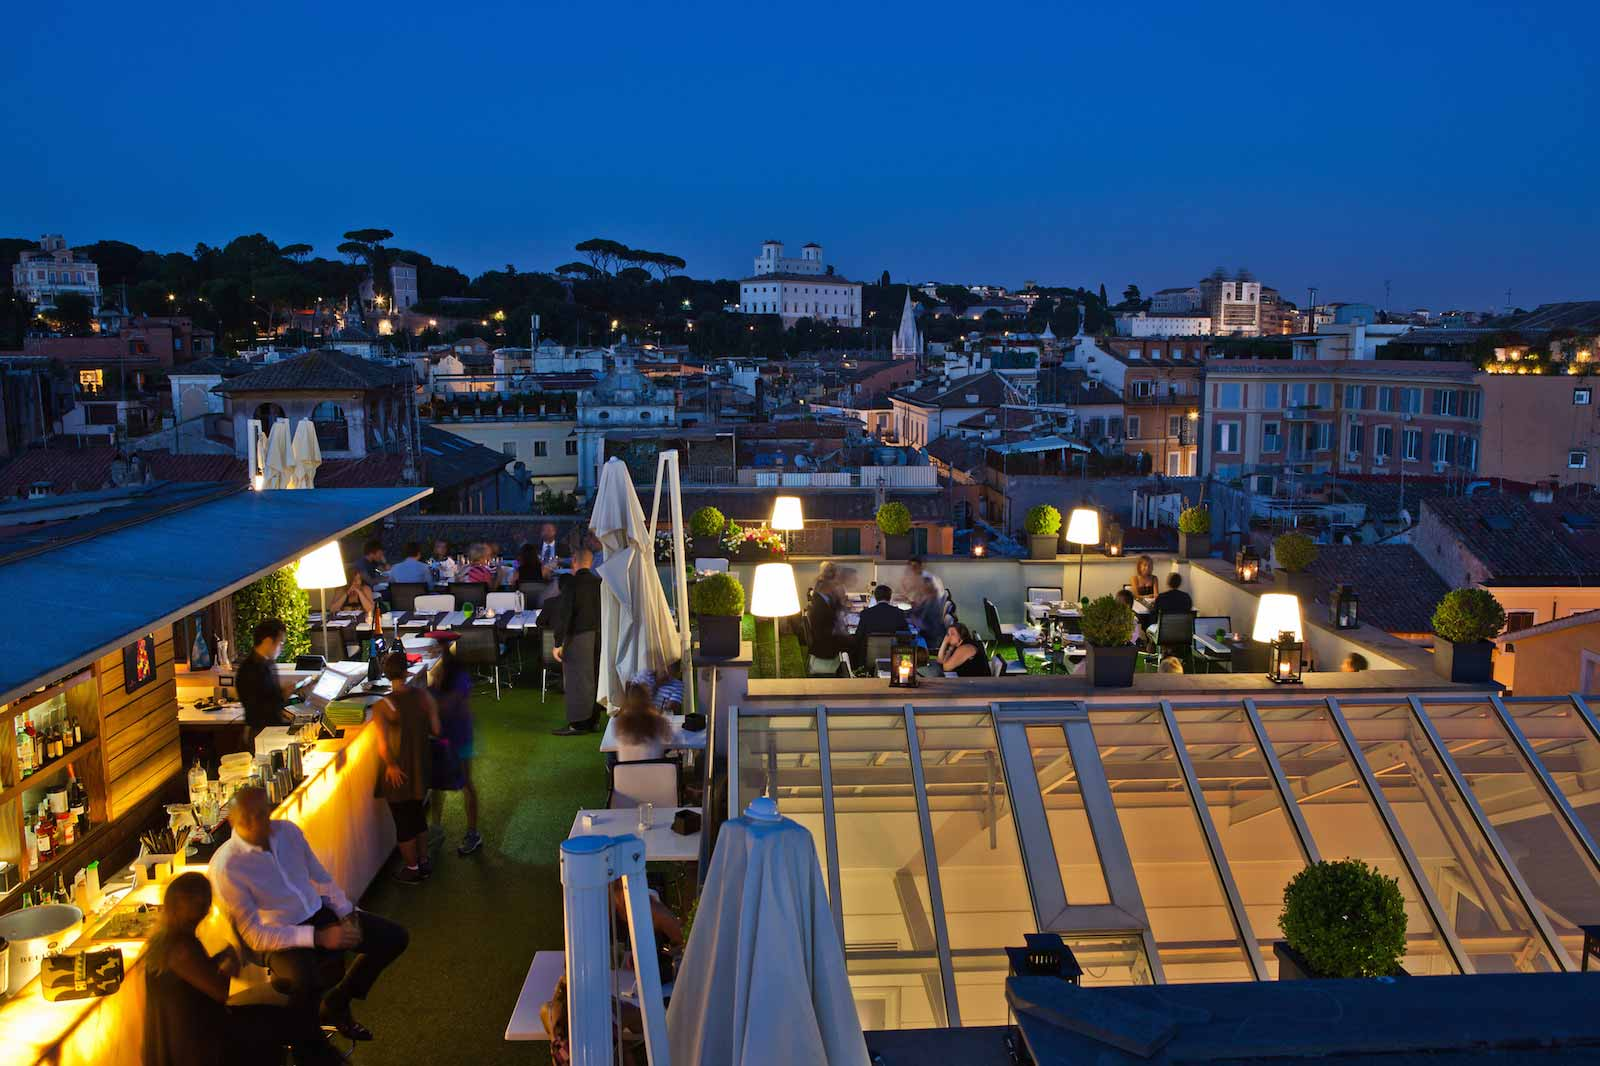 Roma. ristoranti con giardino e prezzi per mangiare all'aperto